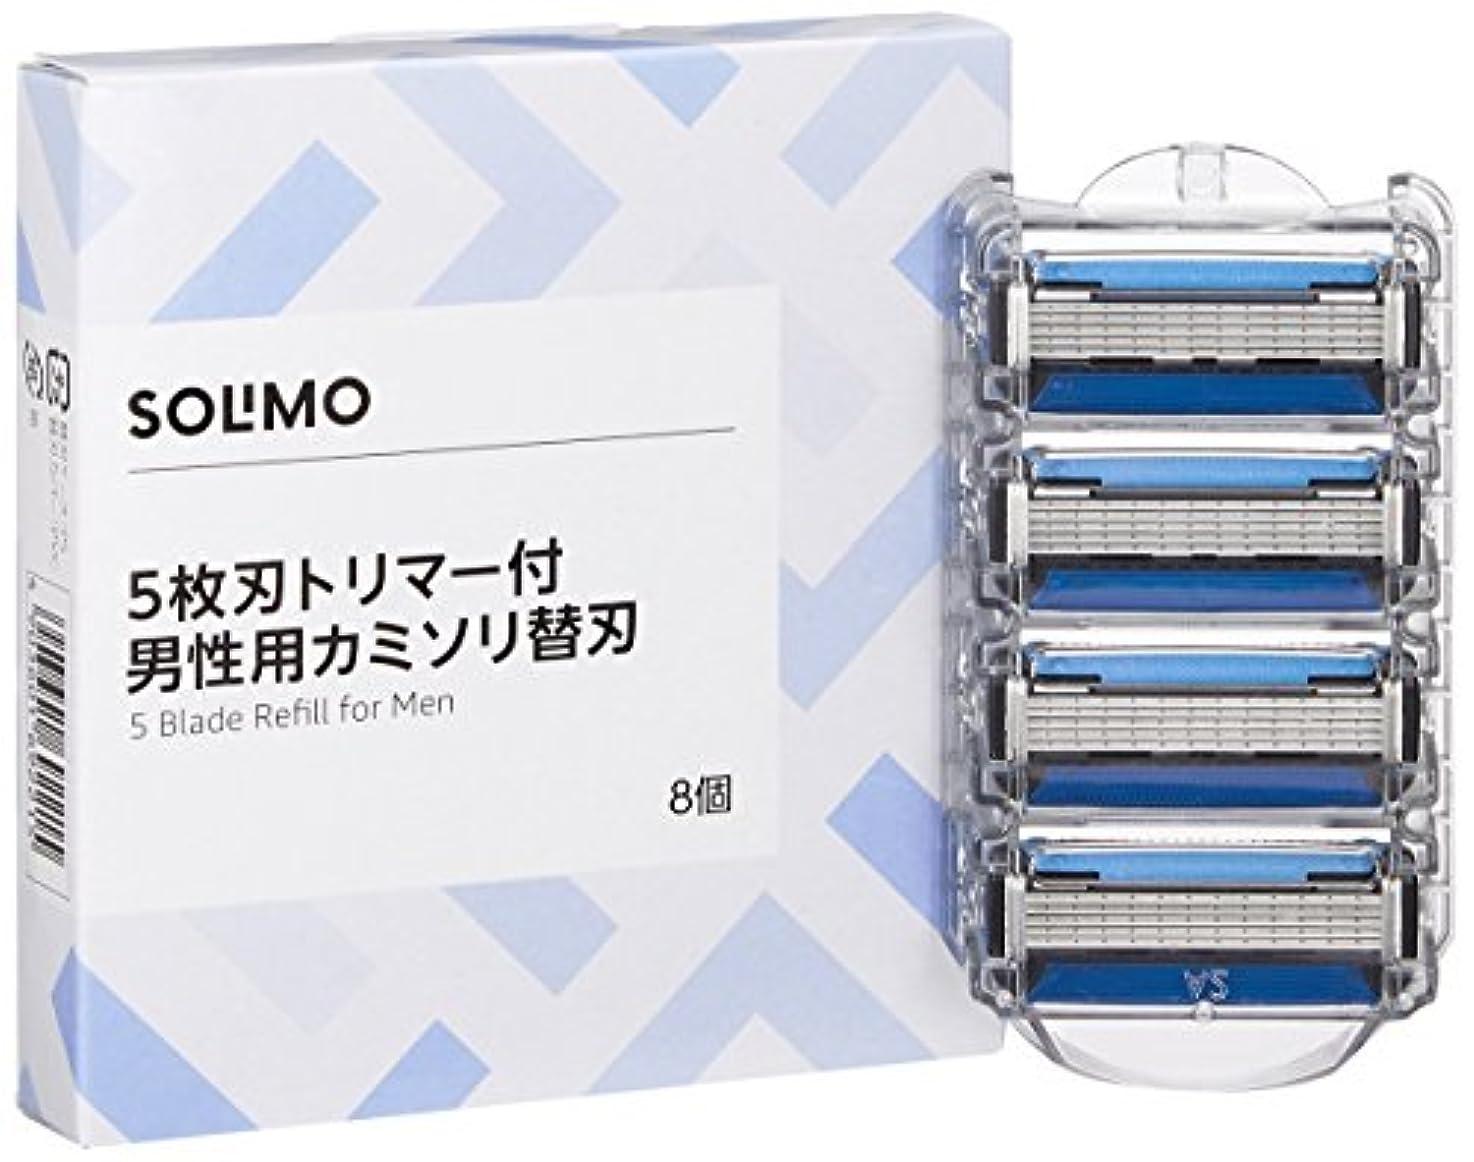 クラッシュ哲学者一人で[Amazonブランド]SOLIMO 5枚刃 トリマー付 男性用 カミソリ替刃8個